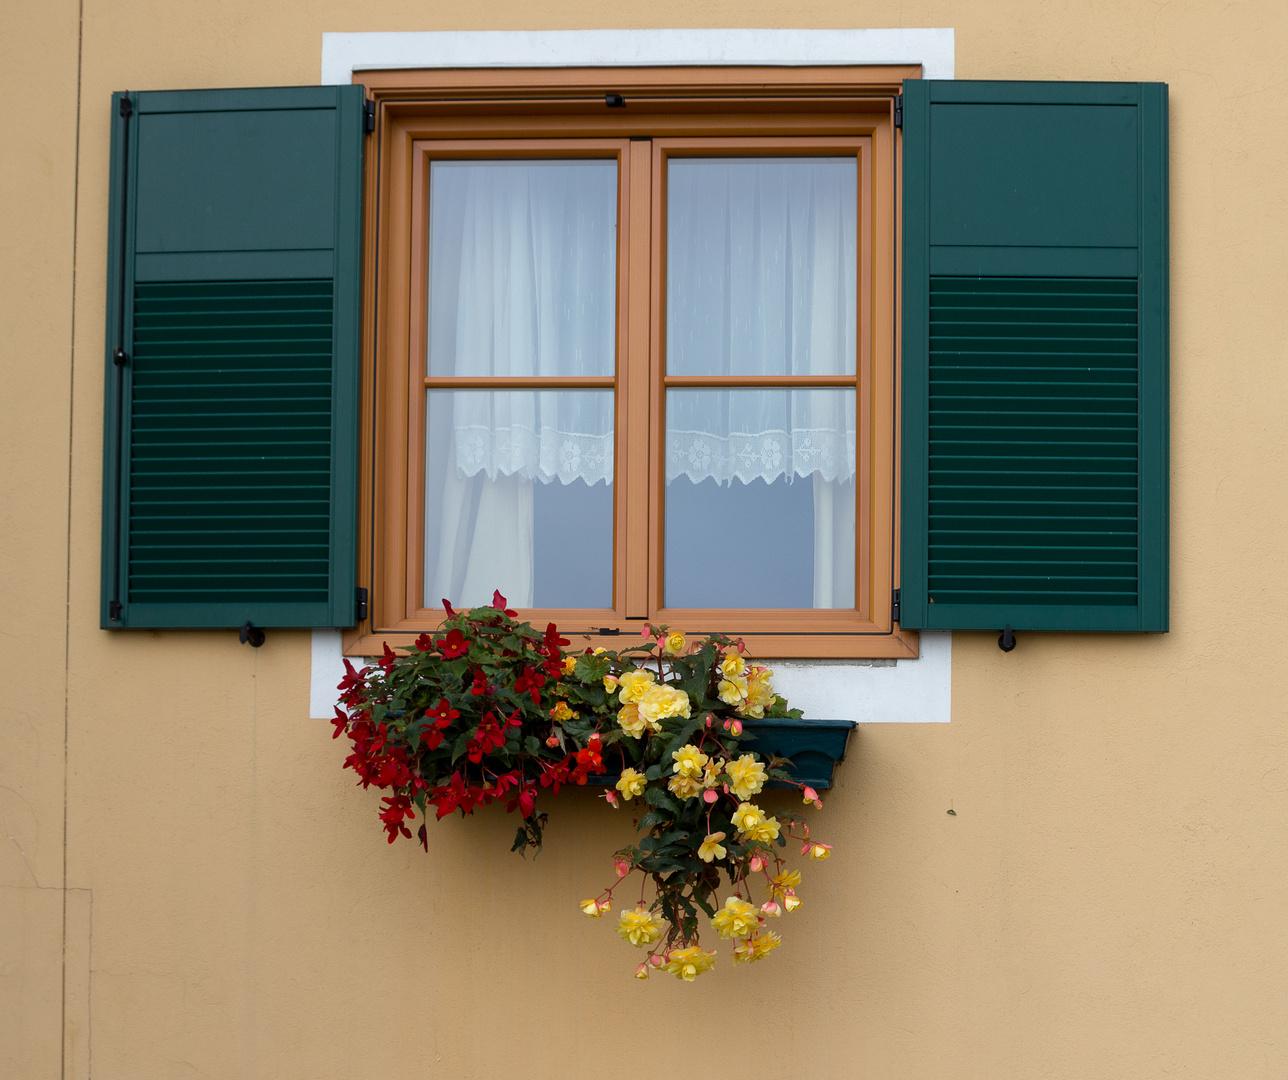 Steirisches Fenster